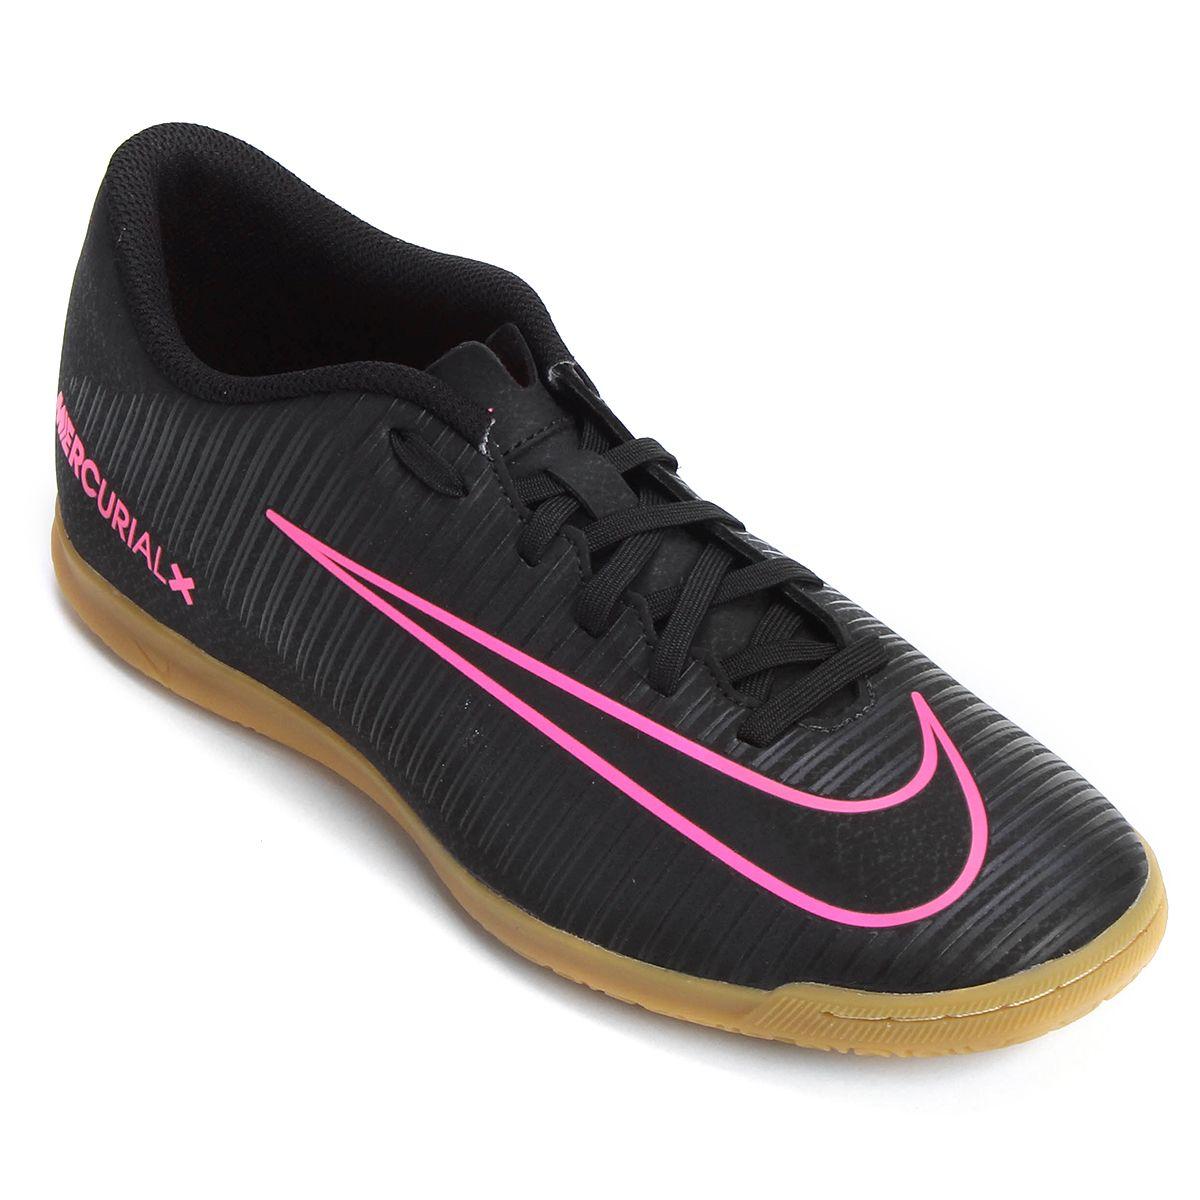 A Chuteira Nike Mercurial Vortex 3 IC Futsal é desenvolvida para as quadras  indoor e oferece f32ceabad5